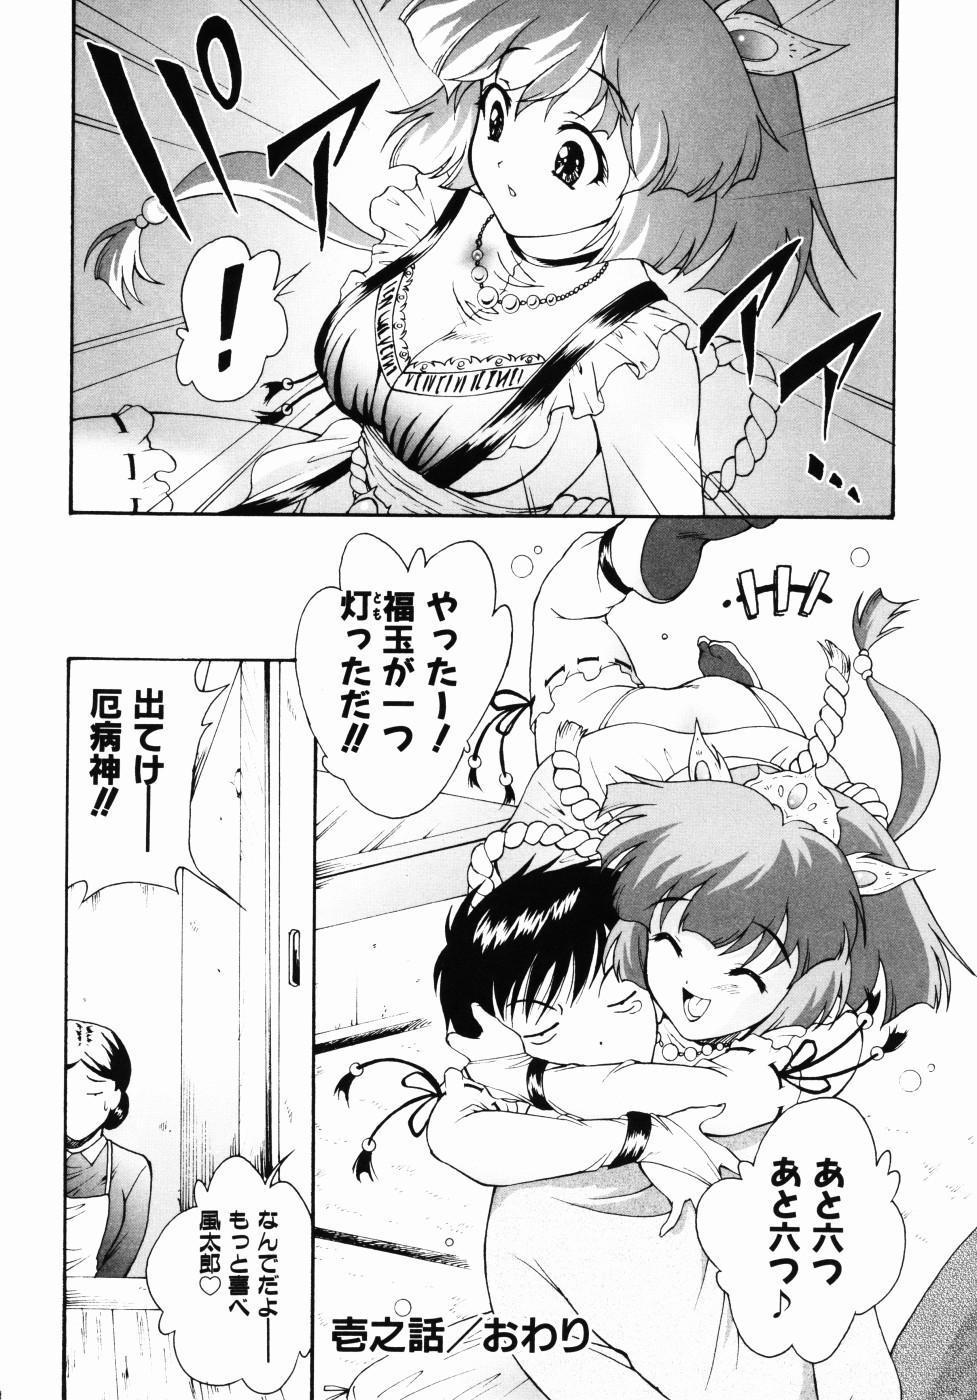 Daikyou Megami 30